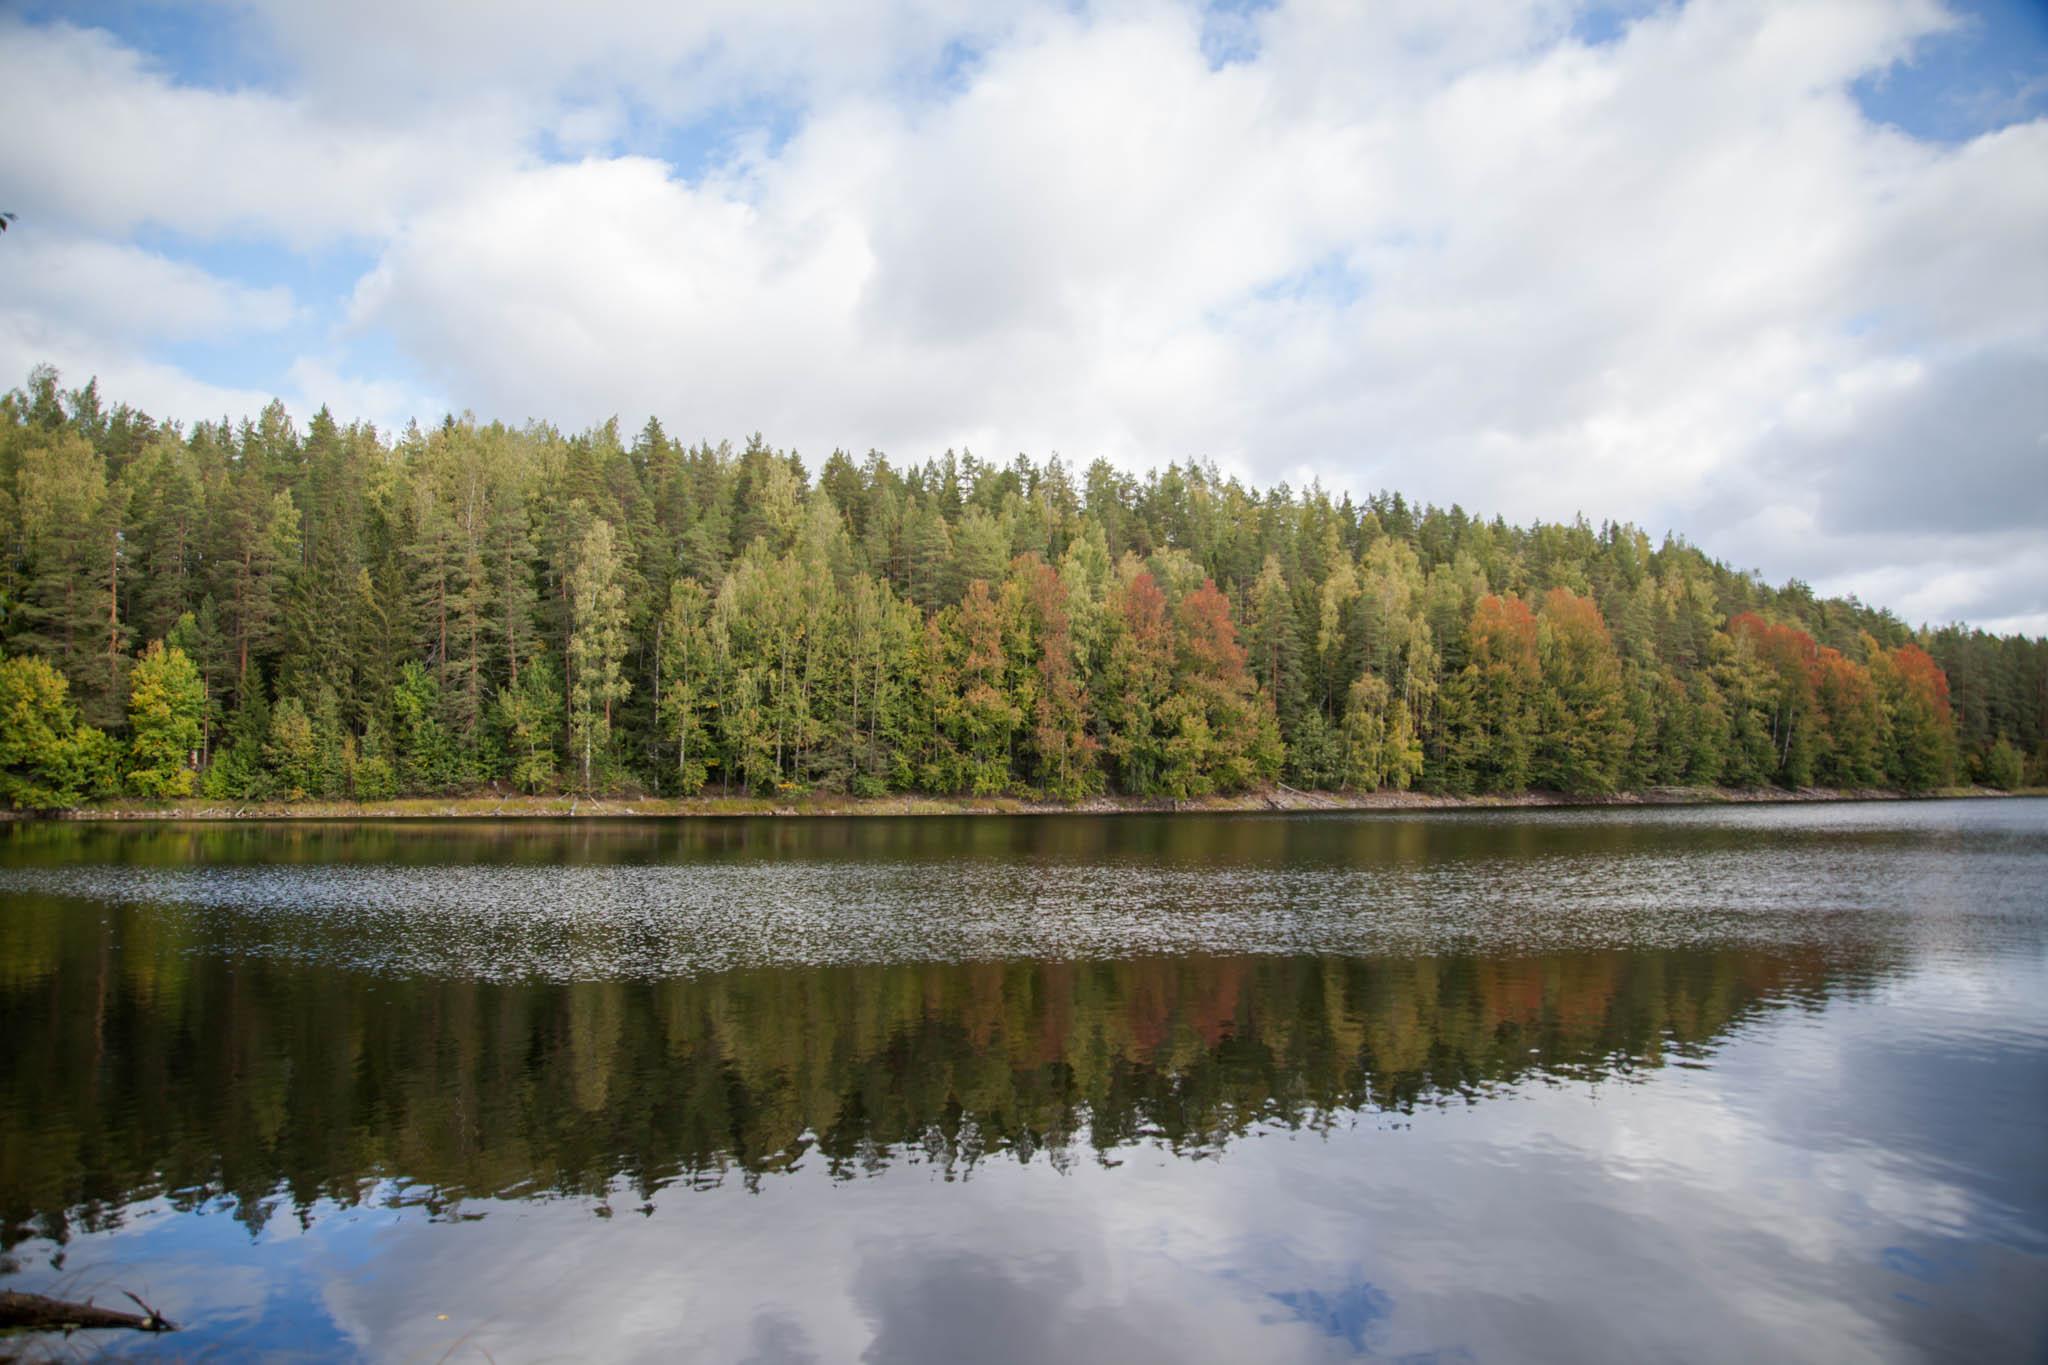 Ahvenisto Ylöjärvi luontopolku järvi